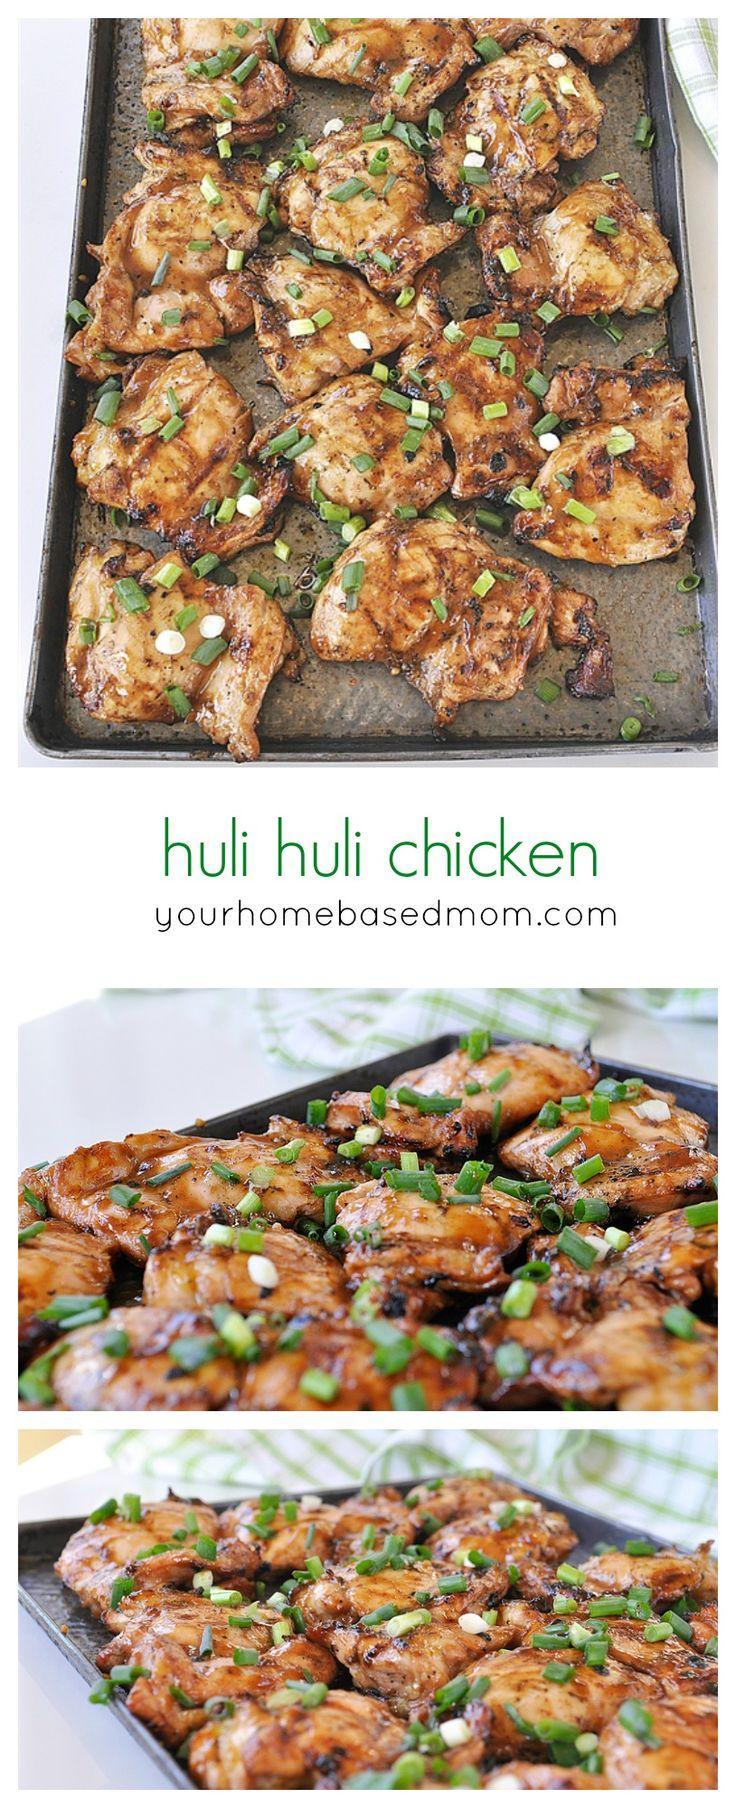 huli huli chicken - easy Hawaiian BBQ'd chicken | Posted By: DebbieNet.com |